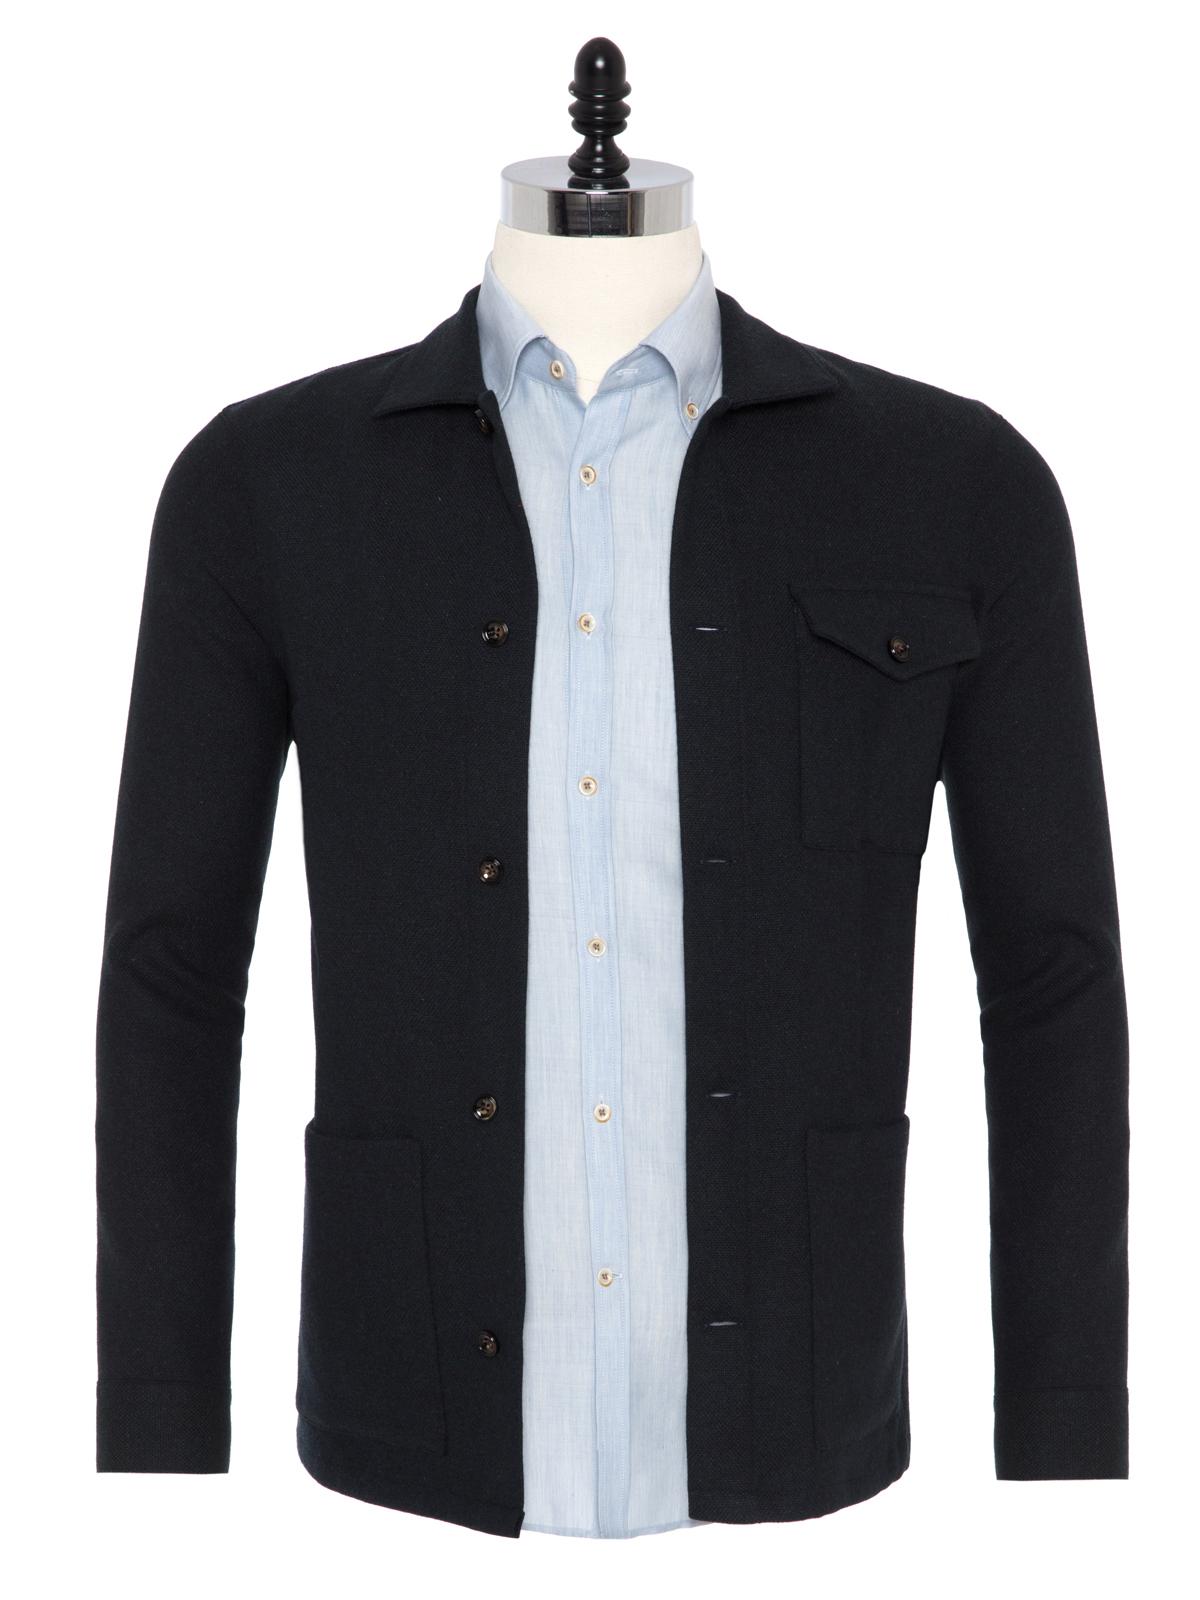 Germirli - Germirli Haki Füme %100 Yün Tailor Fit Wool Heritage Ceket Gömlek